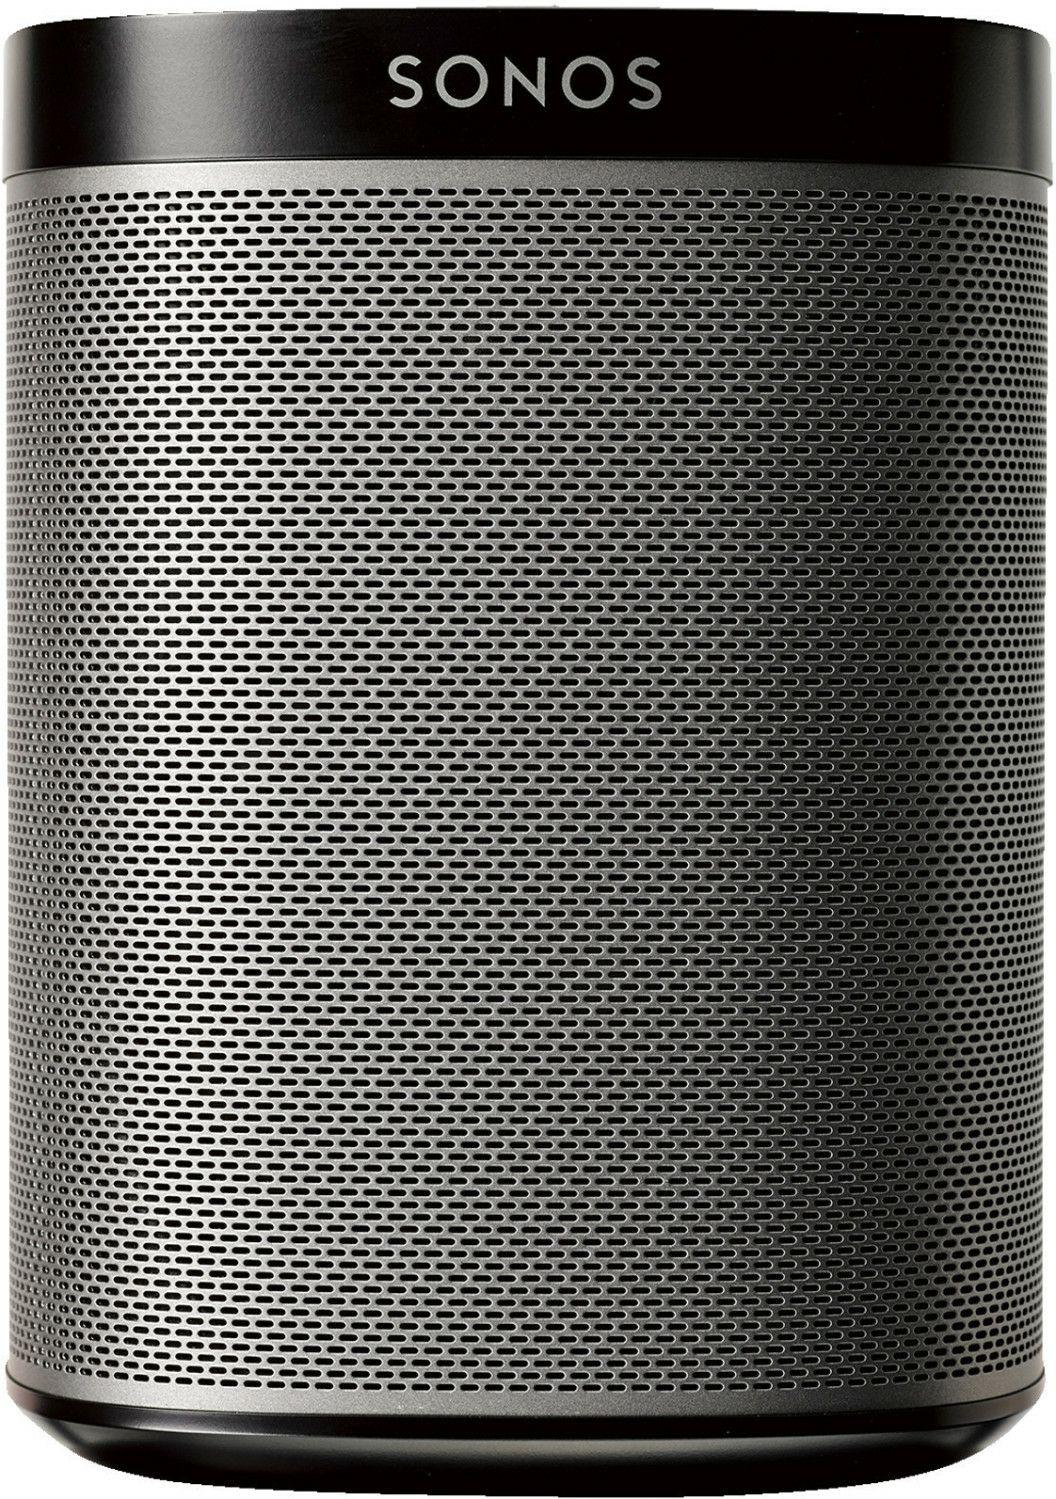 Sonos Play:1 schwarz WLAN Lautsprecher für 94.90€ inkl. Versand (El Corte Inglés)